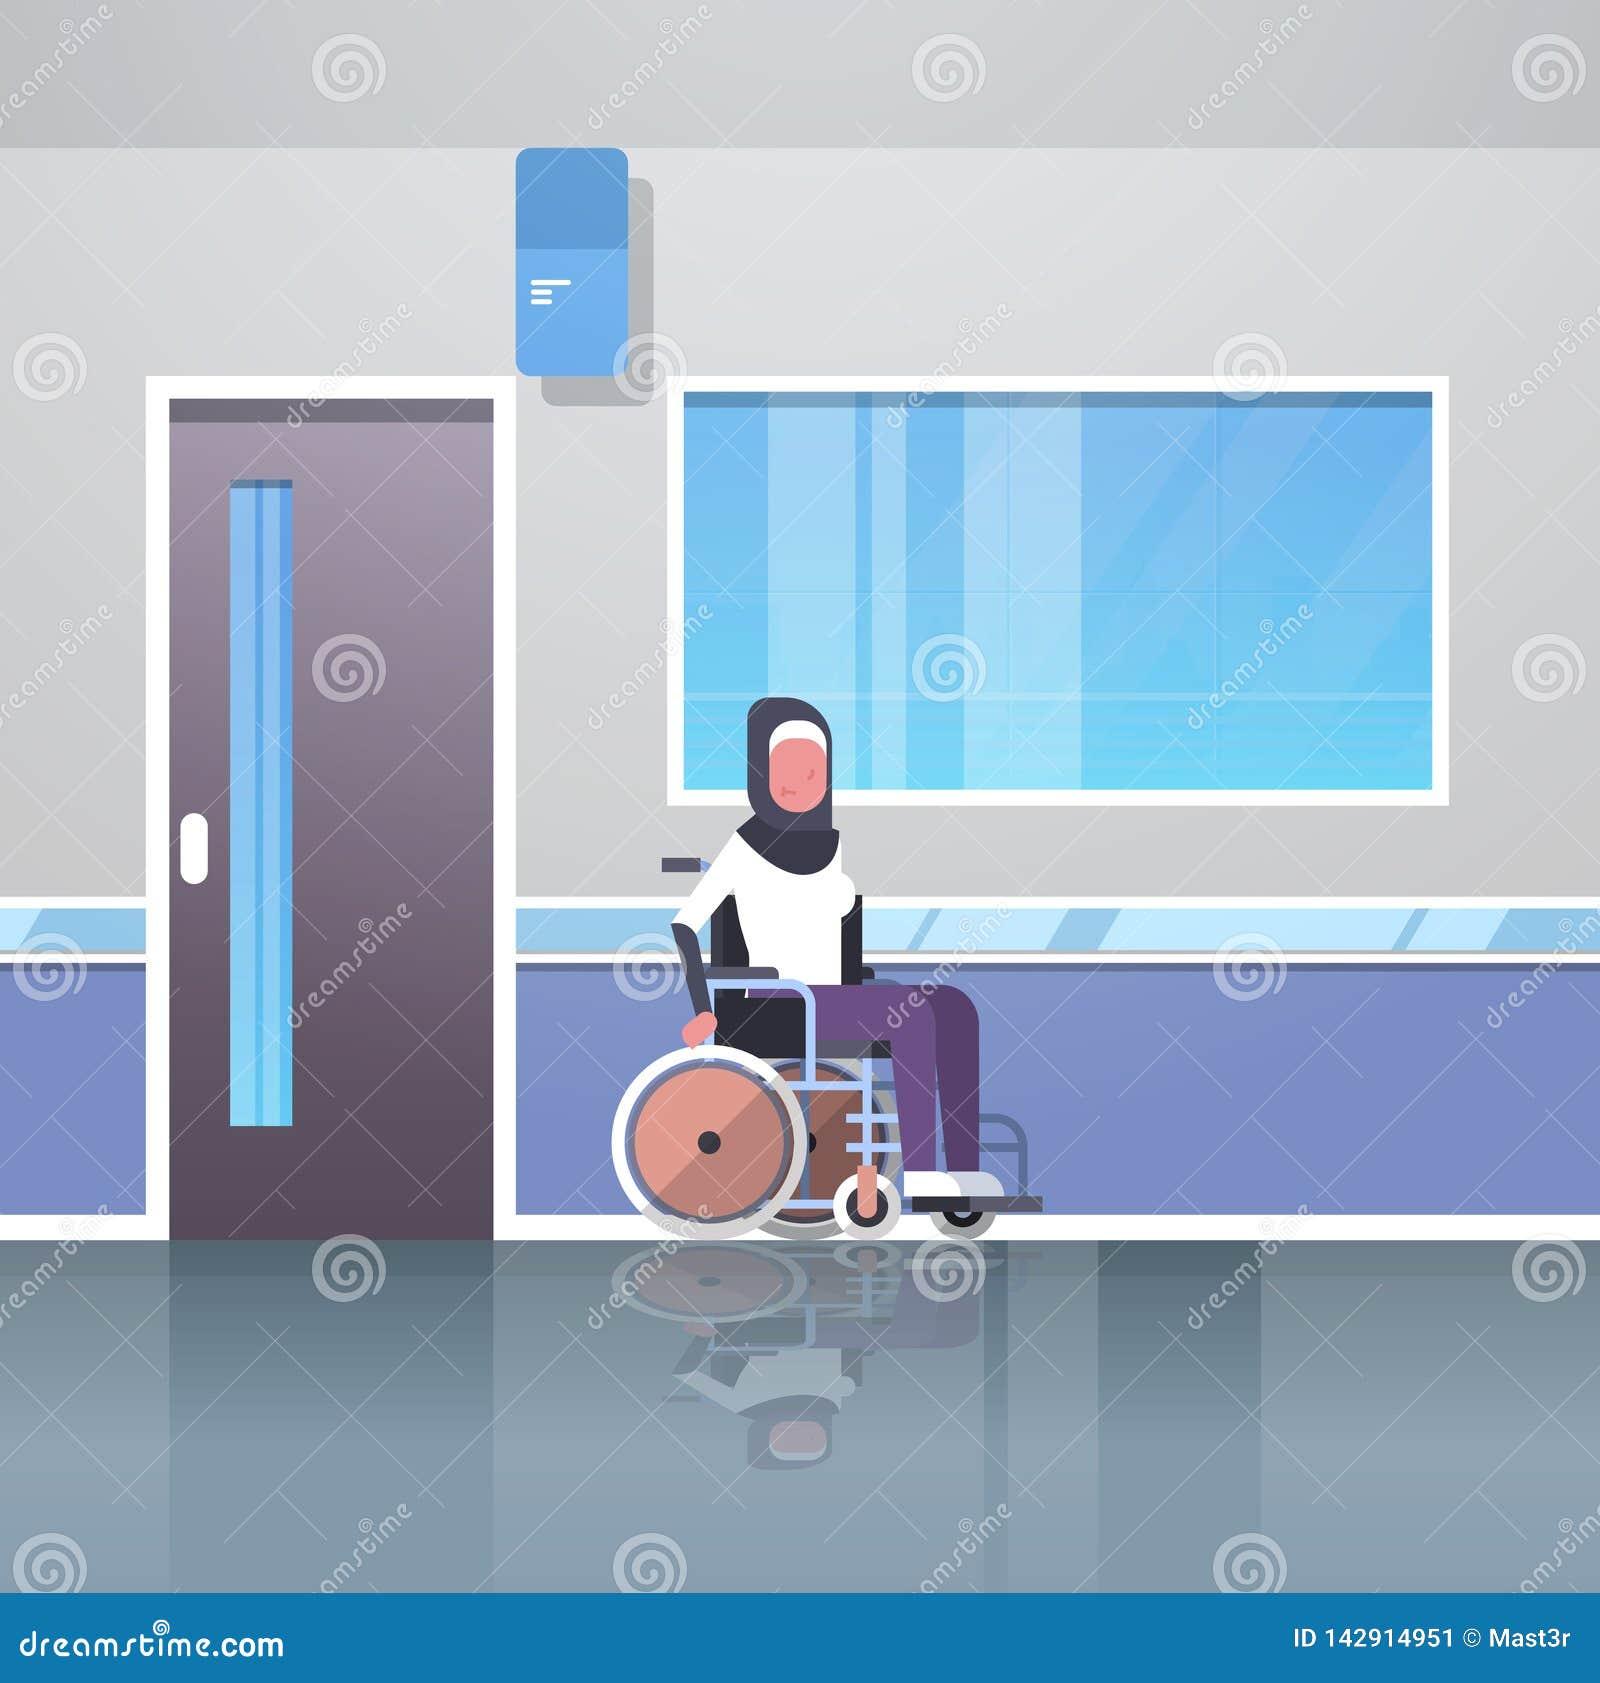 坐在轮椅事故伤残概念医院走廊大厅现代诊所的残疾阿拉伯妇女患者